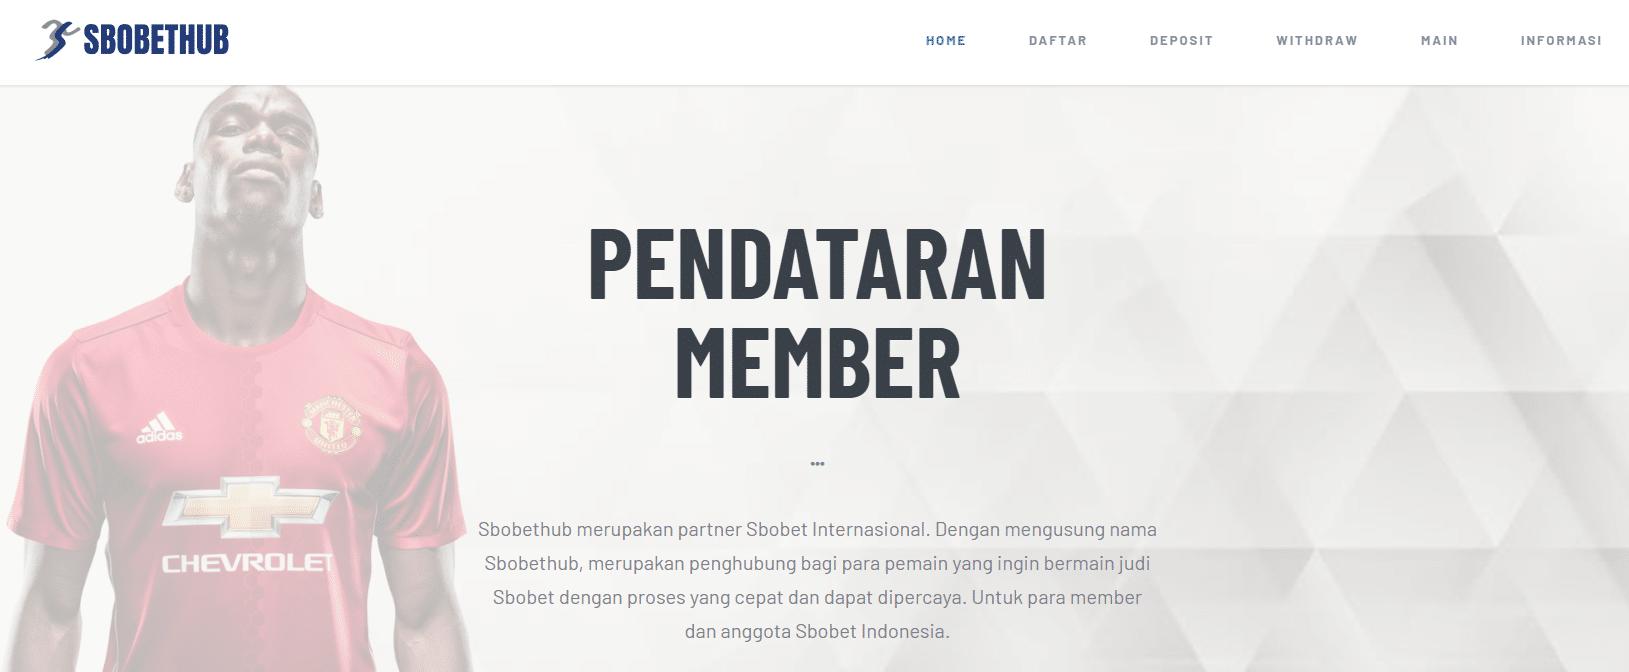 Website Resmi Agen Sbobet Di Indonesia Yang Paling Banyak Pemainnya 1